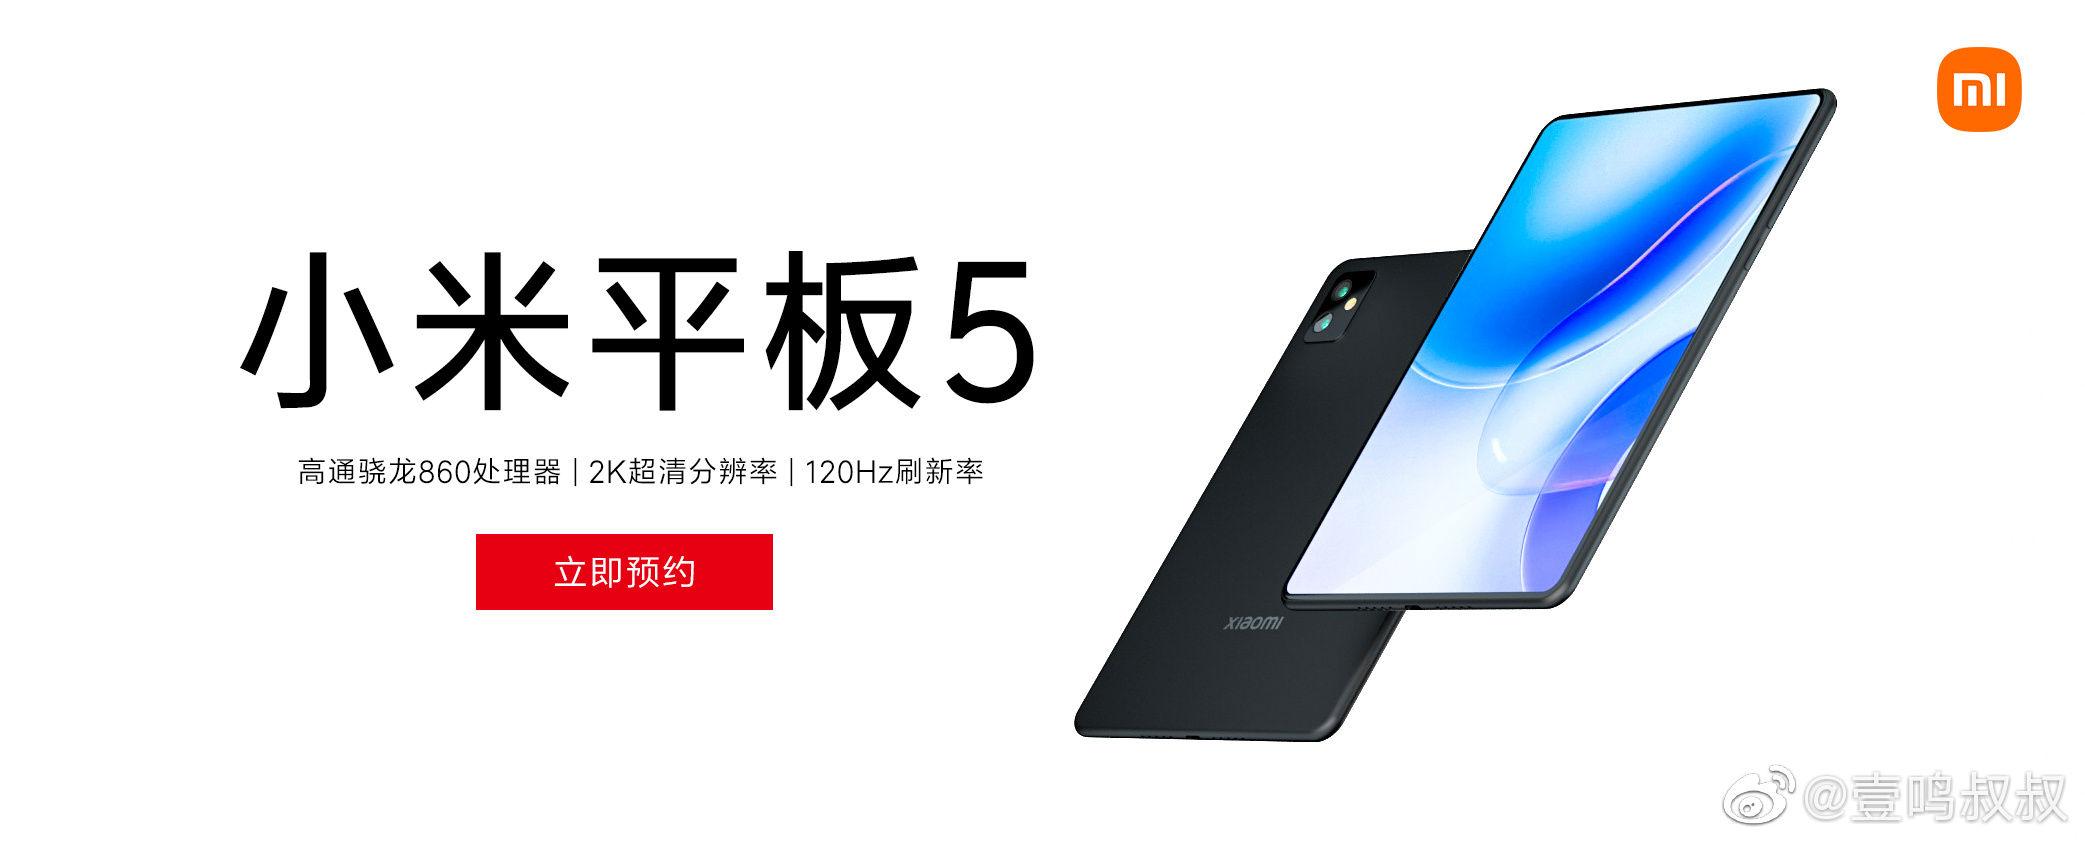 Xiaomi_Mi_Pad_5_leaked_poster